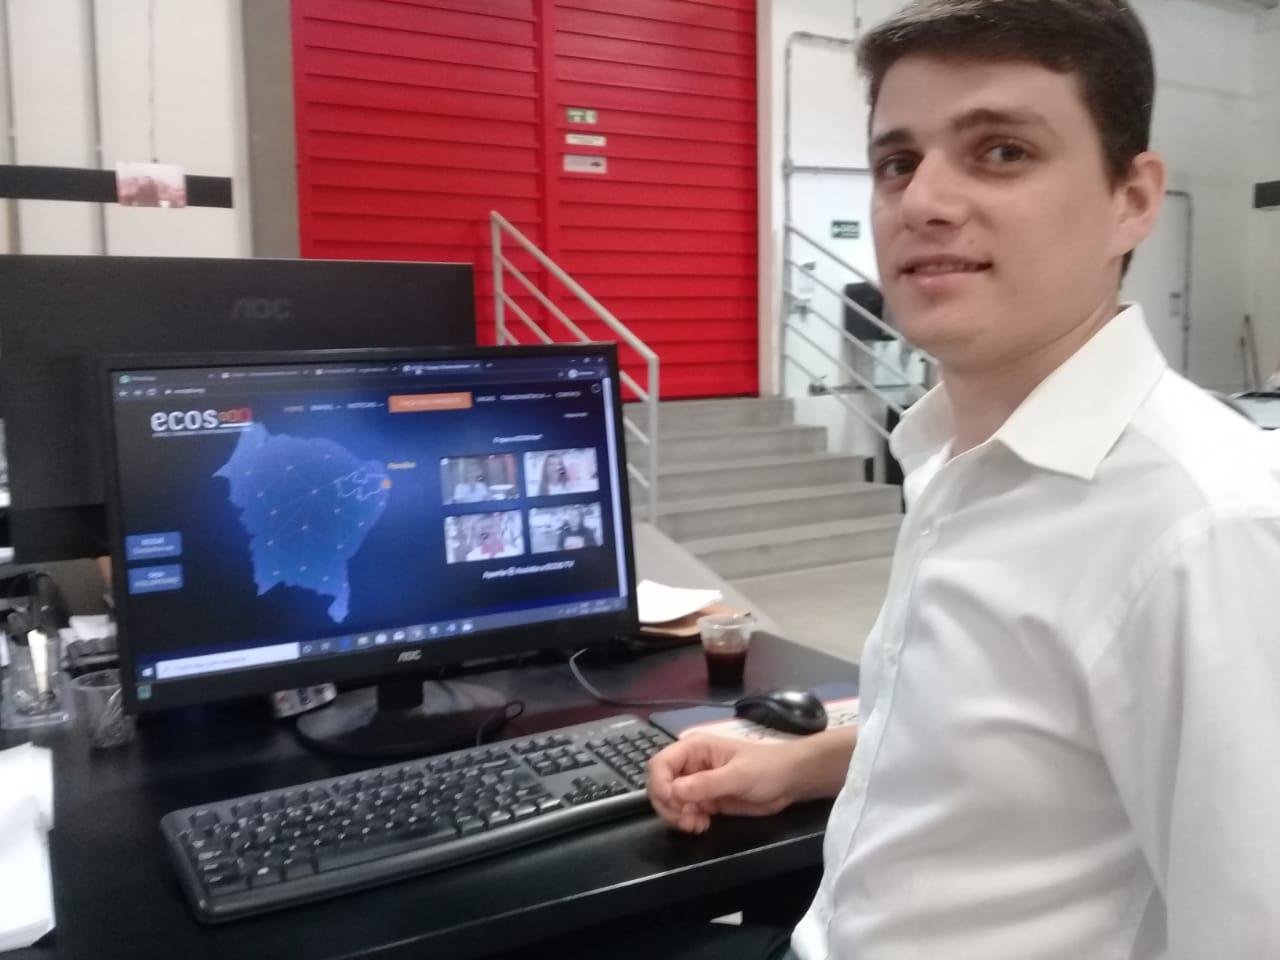 Oselmar Neto AnalistadeRH Ecos - Ecos monitora atuação de colaboradores nas escolas e desenvolve ações preventivas e corretivas